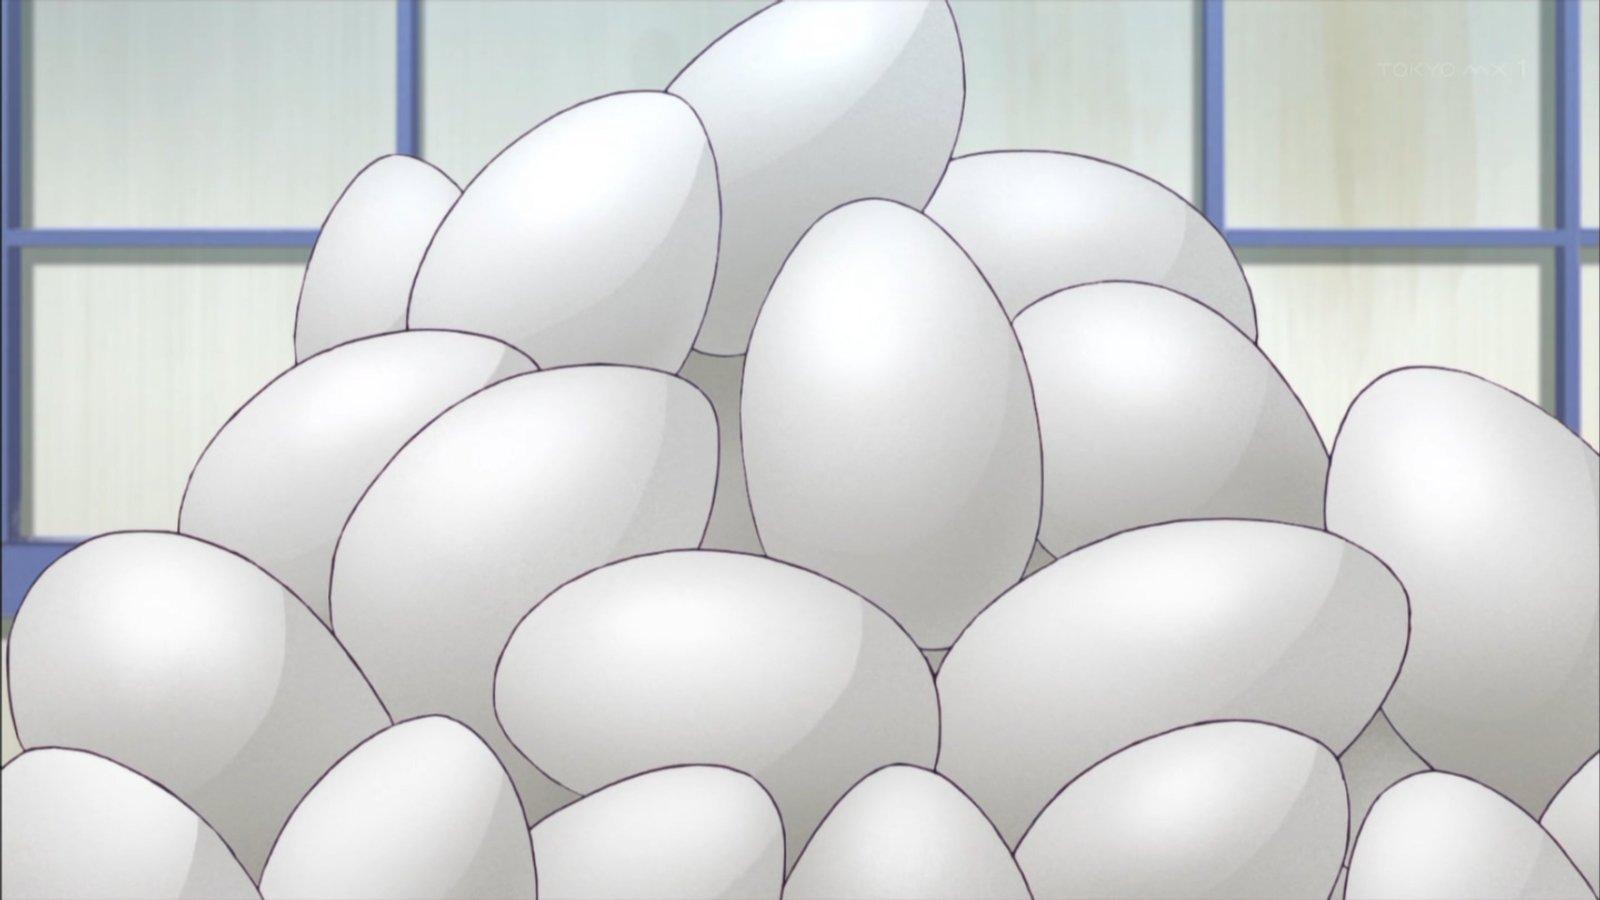 たまご山盛りw #ソラウミアニメ https://t.co/wHlxWgcFhV